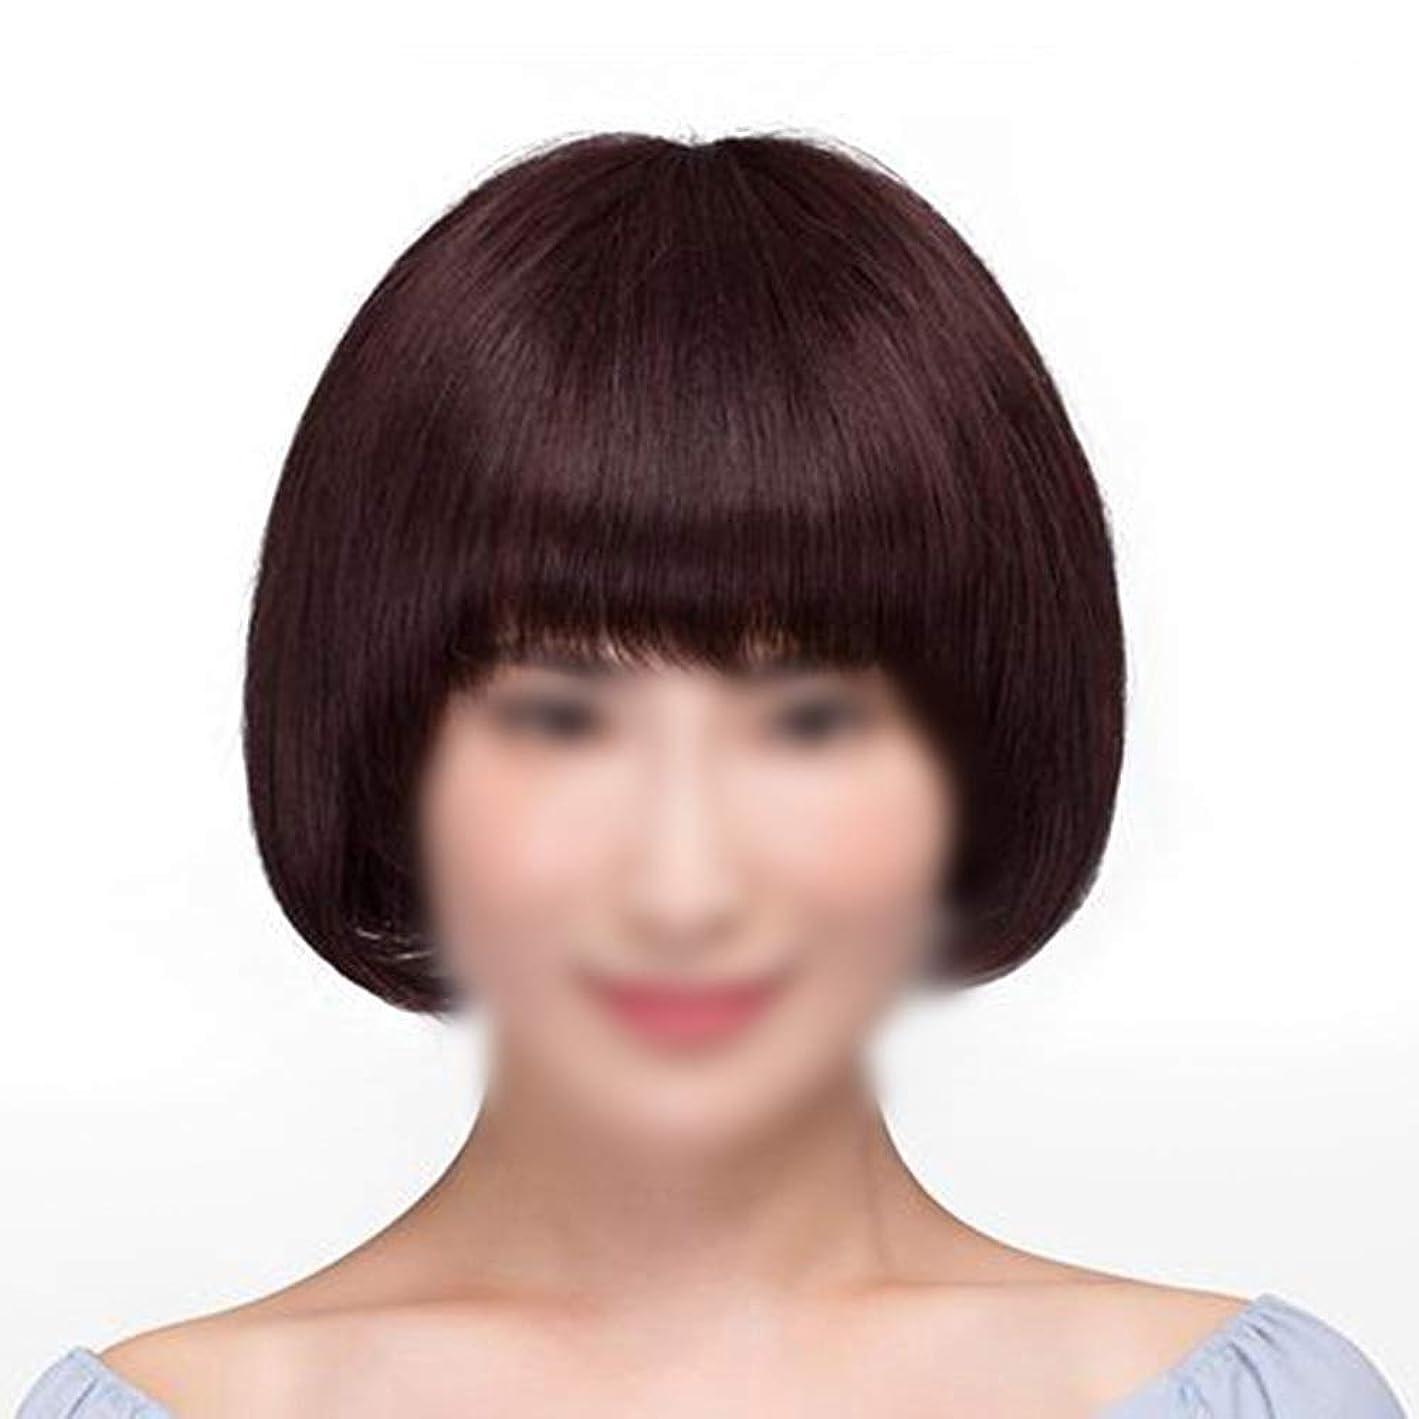 に付ける階層テーブルを設定するHOHYLLYA 女性のストレートショートボブ耐熱合成天然ブラウンカラーフルヘアかつらと前髪ショートレッドウィッグ (色 : Dark brown)